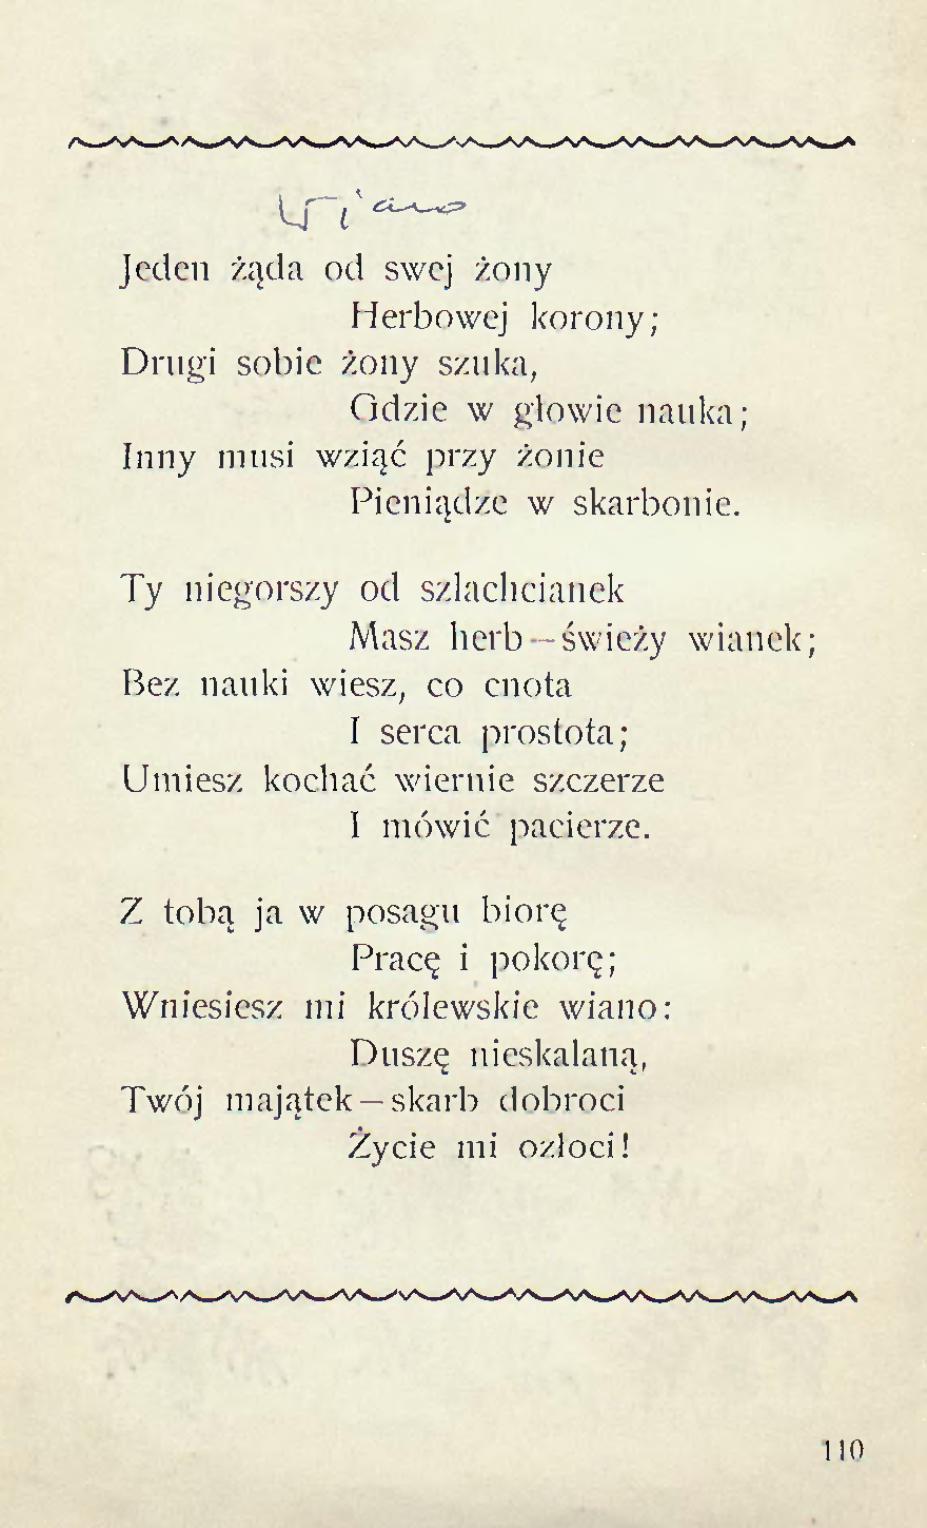 Stronapoezye Rydeldjvu113 Wikiźródła Wolna Biblioteka